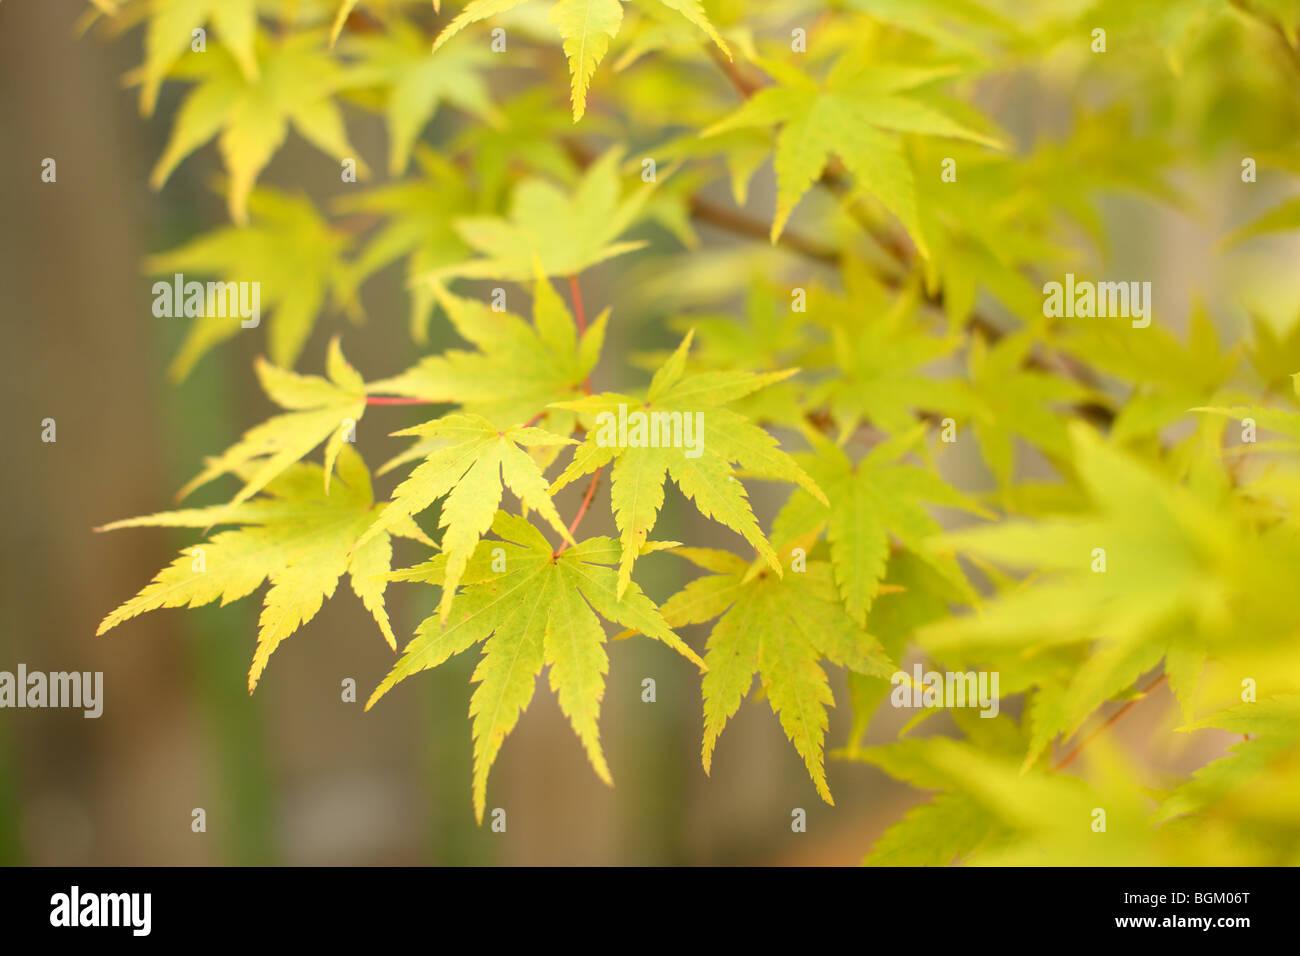 Feuilles d'érable japonais jaune Photo Stock